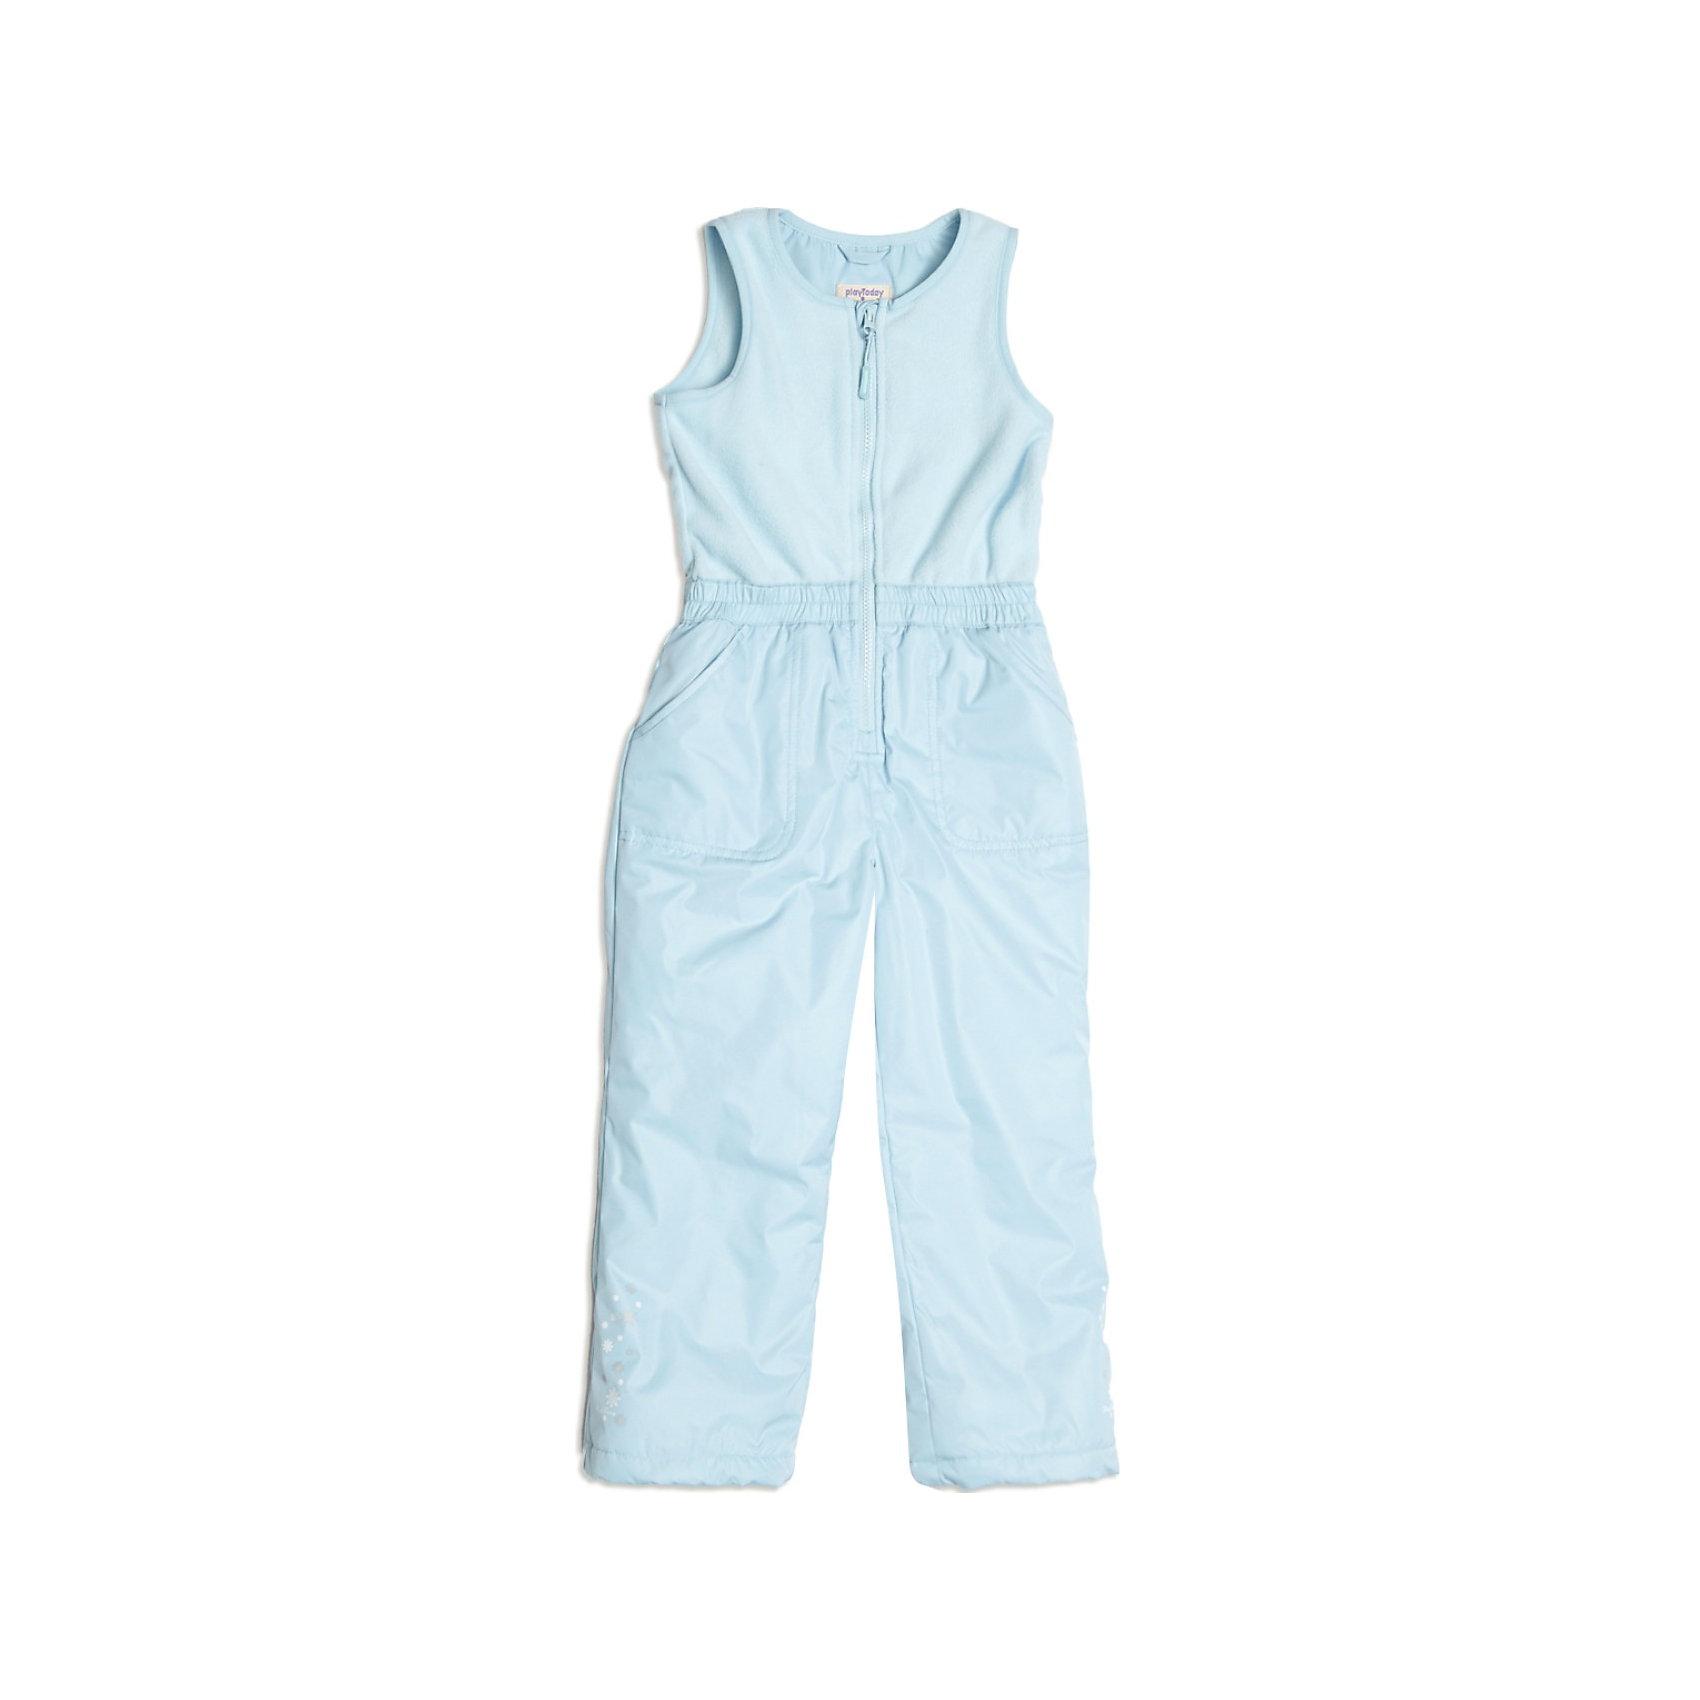 Полукомбинезон для девочки PlayTodayВерхняя одежда<br>Полукомбинезон для девочки от известной марки PlayToday<br>* прекрасный полукомбинезон из комбинированной ткани для активных прогулок в холодную погоду<br>* спереди застегивается на молнию; защита подбородка<br>* на талии эластичная резинка<br>* двойной низ брючин: внутренний слой по низу на резинке снегозащита - надевается на сапоги; внешний слой по низу утягивается стопперами<br>* по бокам брючин - светоотражающие канты<br>* ткань с водоотталкивающей пропиткой<br>* боковые карманы<br>* низ брючин декорирован принтом<br><br>Состав: верх: 100% полиэстер, подкладка: 100% полиэстер, наполнитель: 100% полиэстер<br>Утеплитель: 120 г<br><br>Полукомбинезон для девочки PlayToday (Плейтудей) можно купить в нашем магазине.<br><br>Ширина мм: 215<br>Глубина мм: 88<br>Высота мм: 191<br>Вес г: 336<br>Цвет: голубой<br>Возраст от месяцев: 36<br>Возраст до месяцев: 48<br>Пол: Женский<br>Возраст: Детский<br>Размер: 104,128,122,116,110,98<br>SKU: 3745264